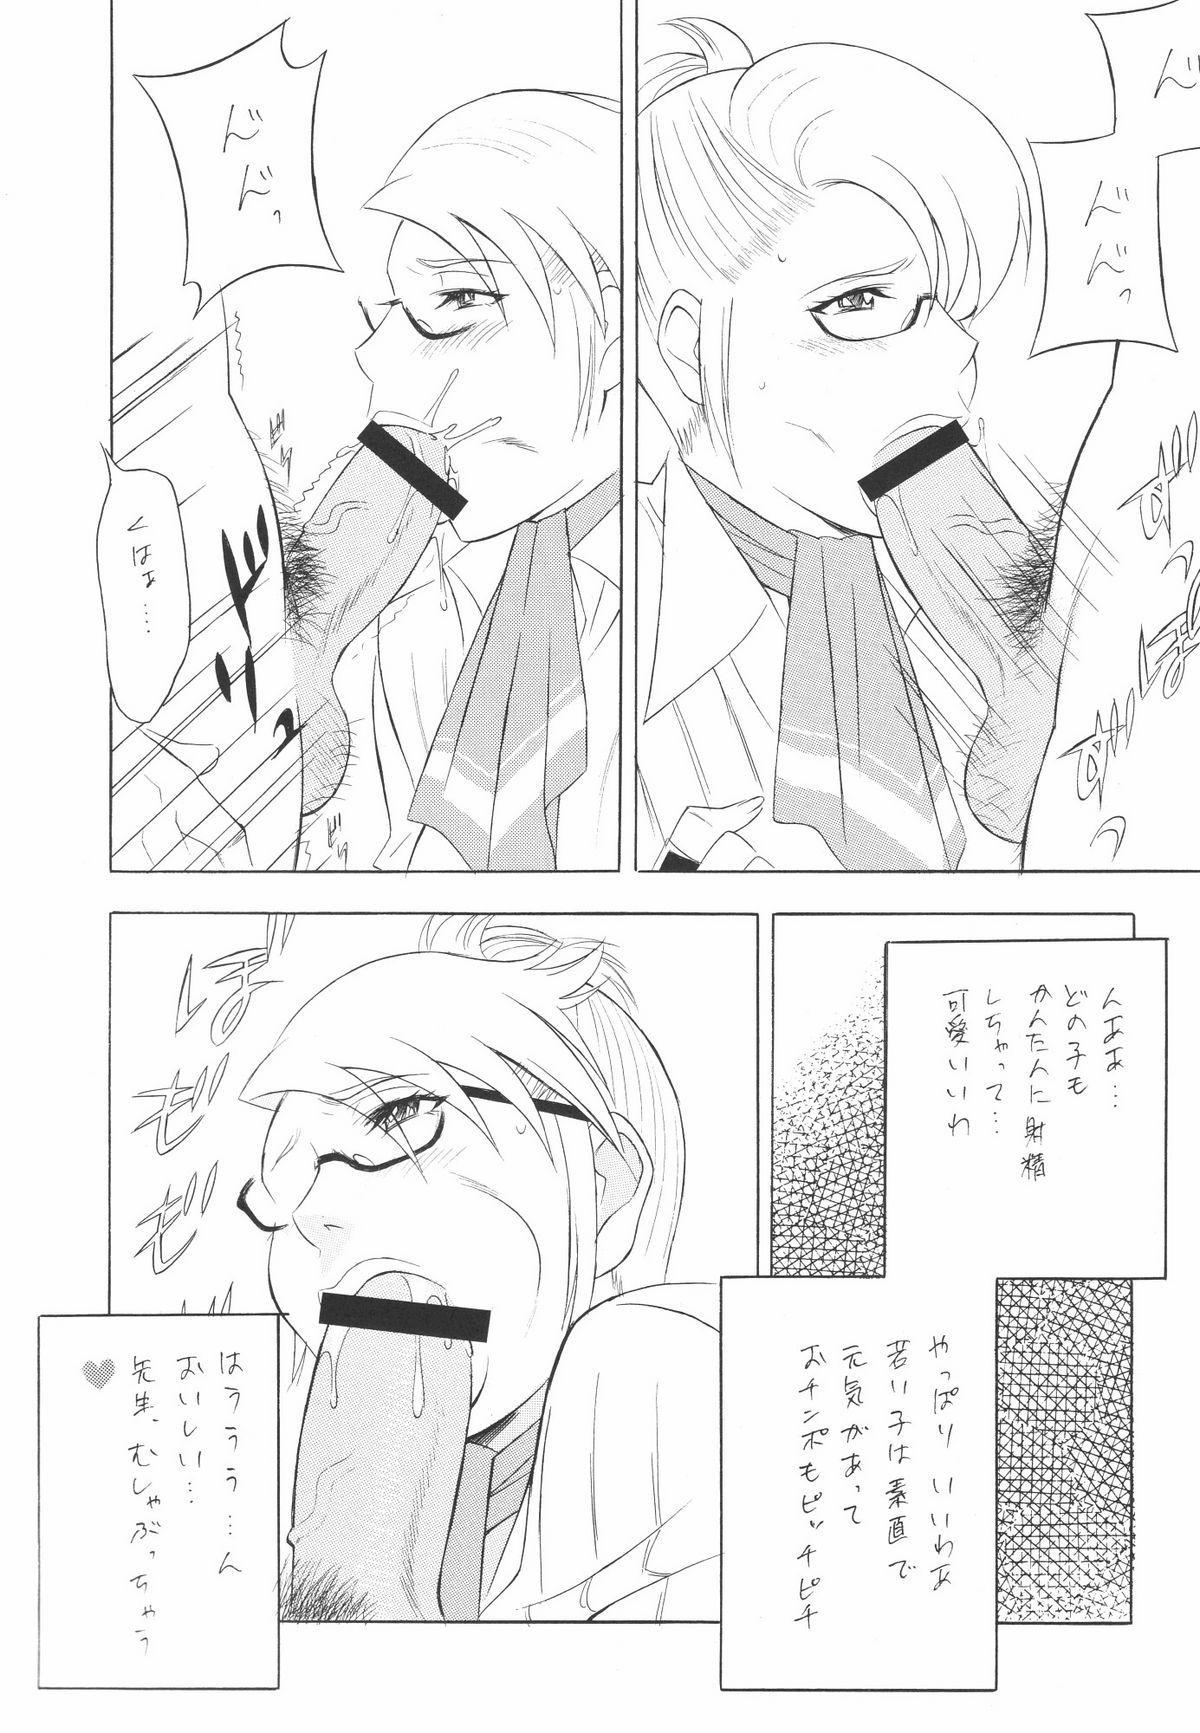 Megane no Sensei ha Suki Desuka? 51